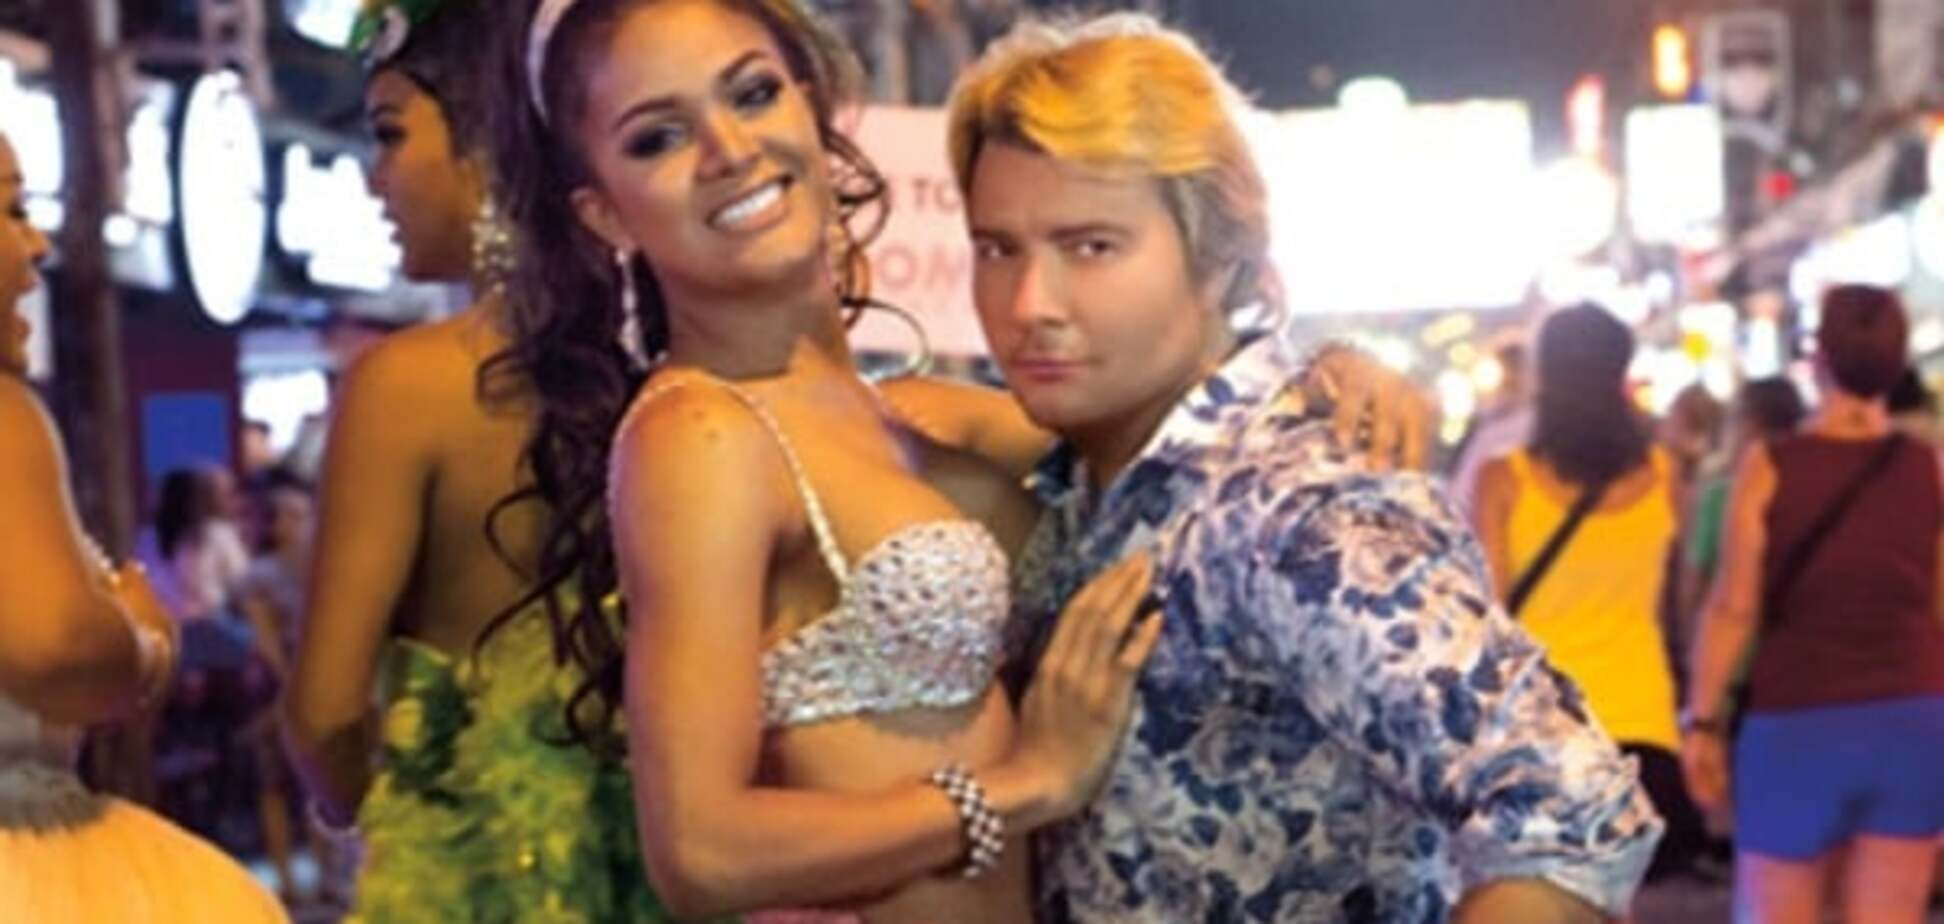 Басков развлекся на травести-шоу в Таиланде: опубликованы фото